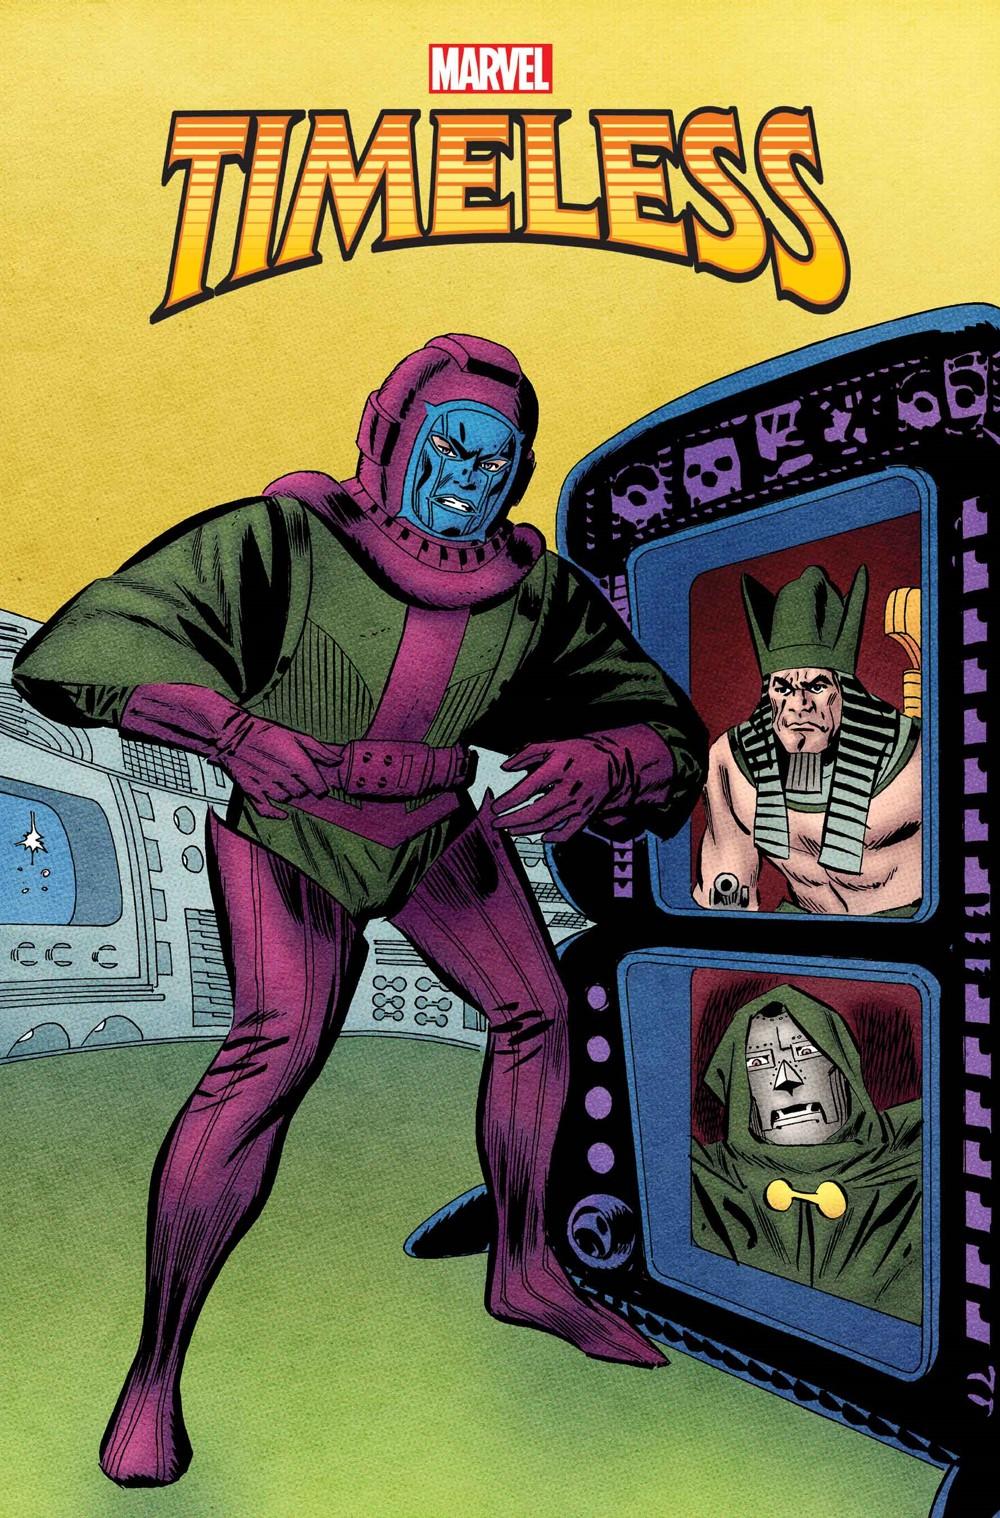 MARTIMELESS2021001_HiddenGem_Var Marvel Comics December 2021 Solicitations